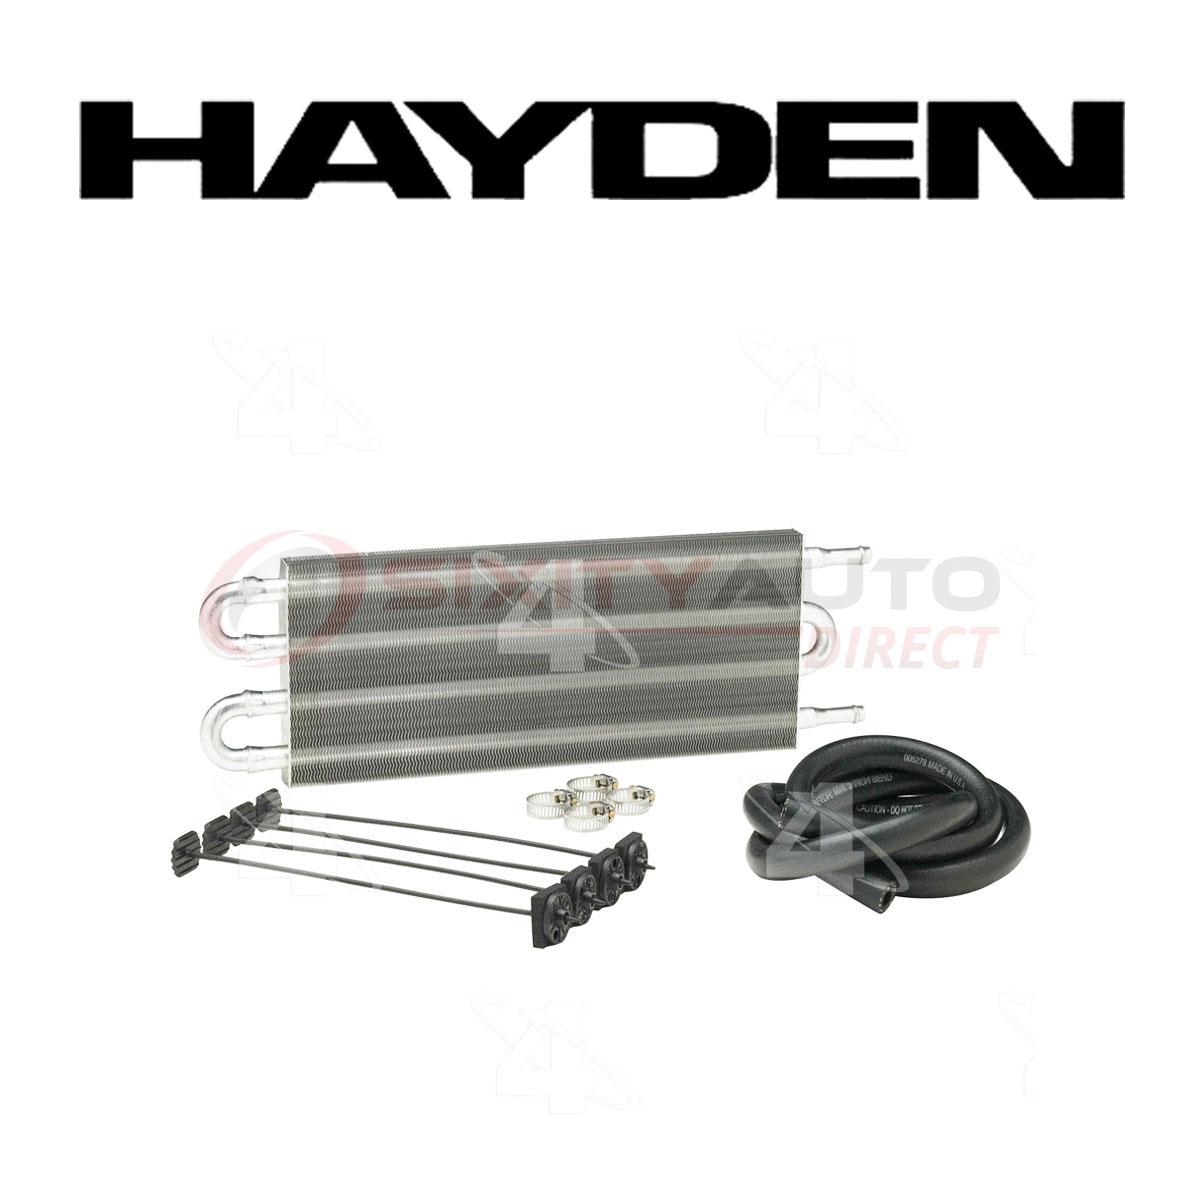 Hayden Transmission Oil Cooler For 2006-2007 Cadillac DTS